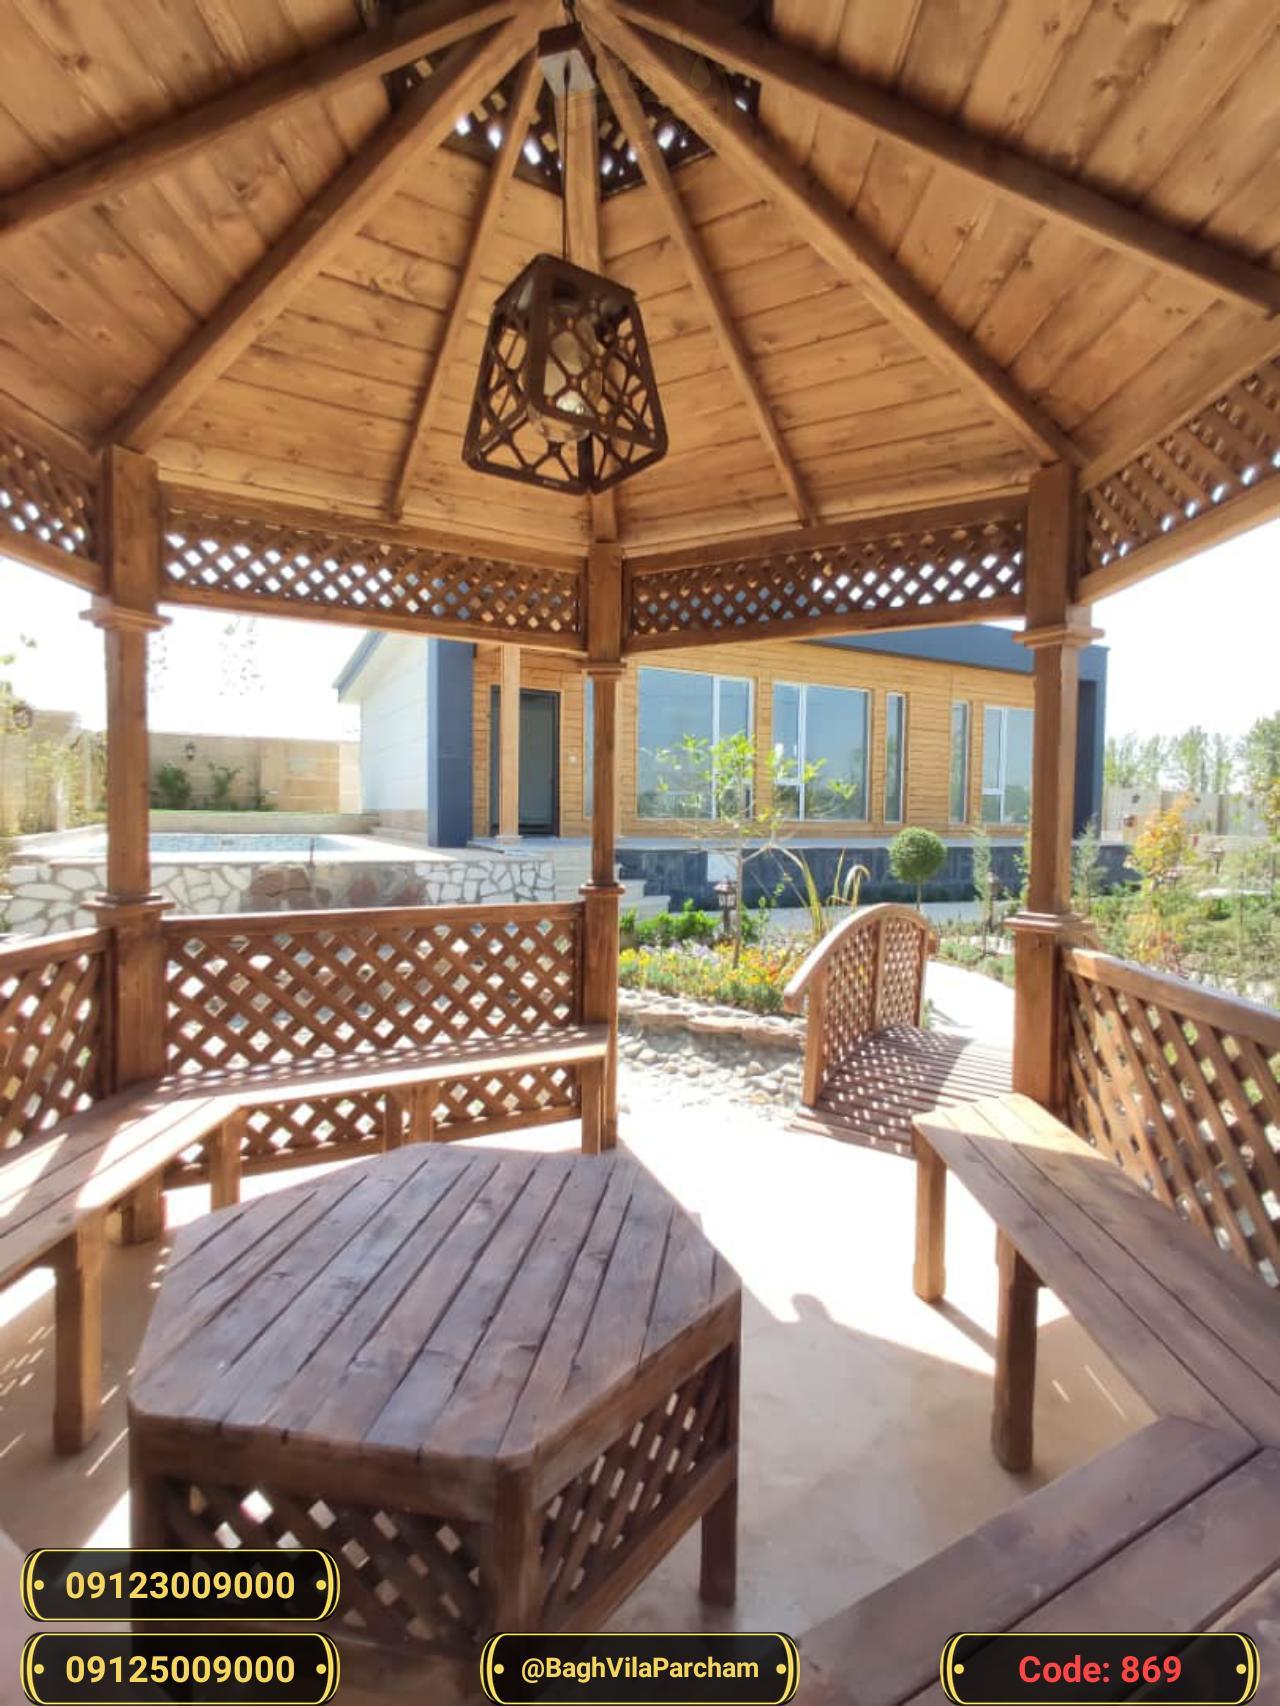 تصویر عکس باغ ویلا شماره 1 از ویلای ۷۵۰  متر ویلا مدرن Picture photo image 1 of ۷۵۰  متر ویلا مدرن